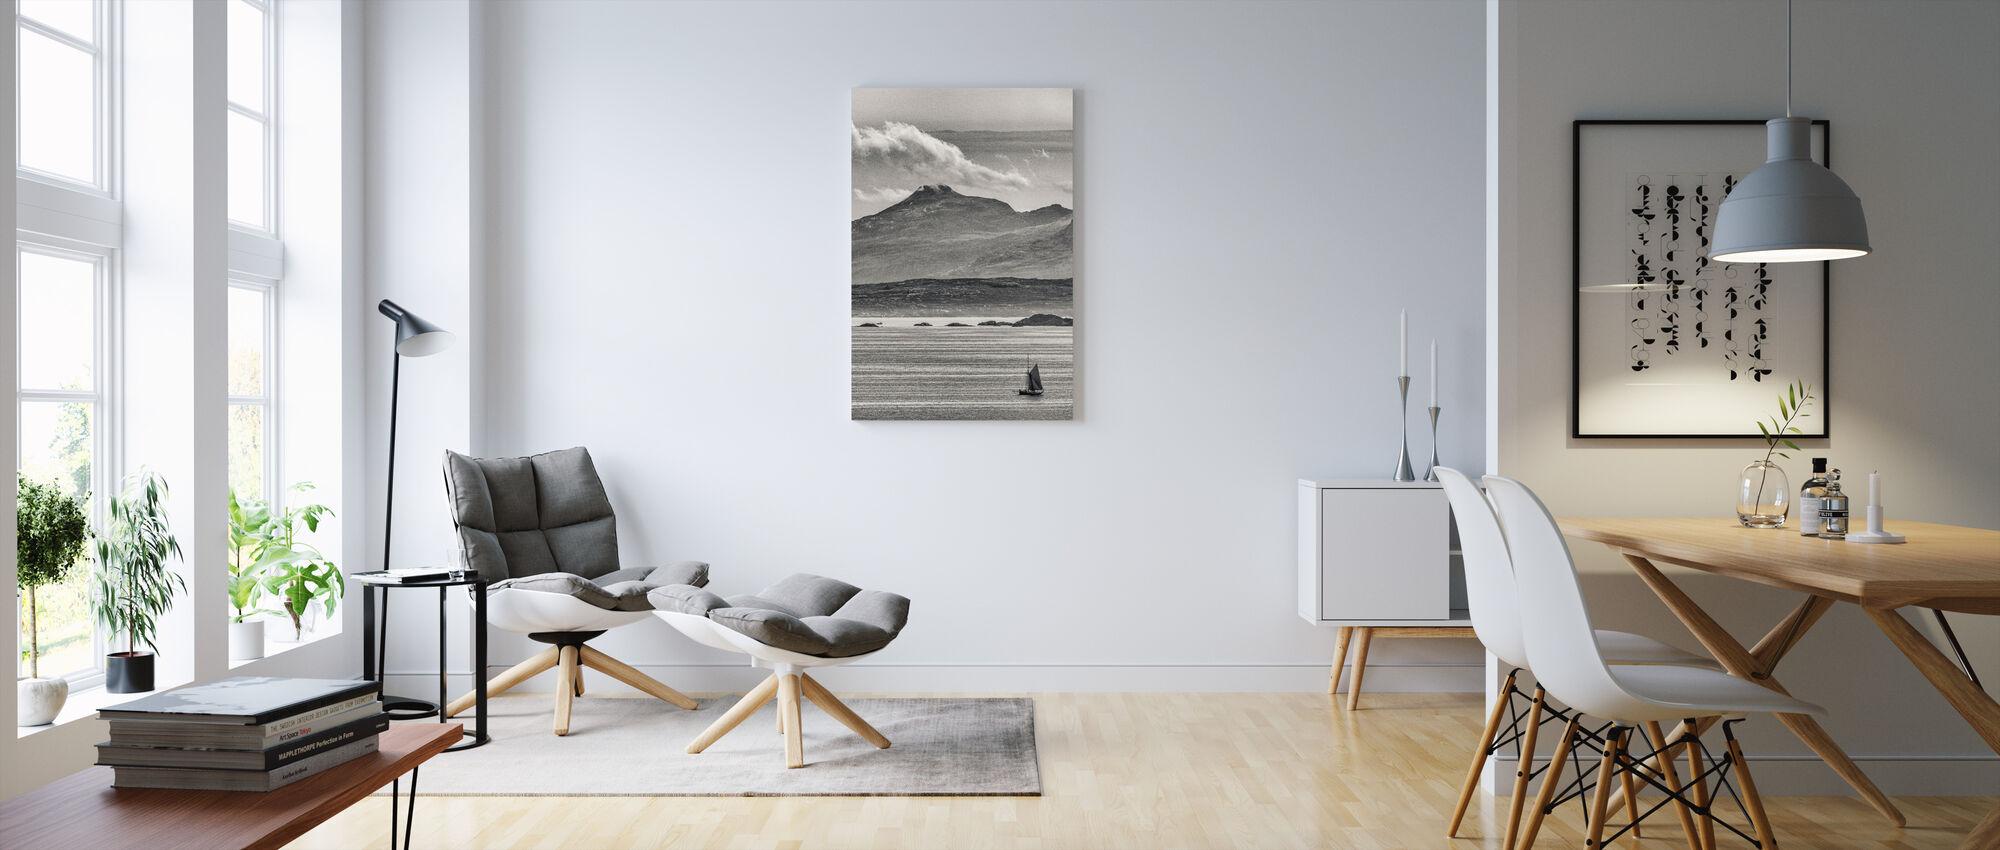 Kilt Rock, Isle of Skye - Skottland - Canvastavla - Vardagsrum